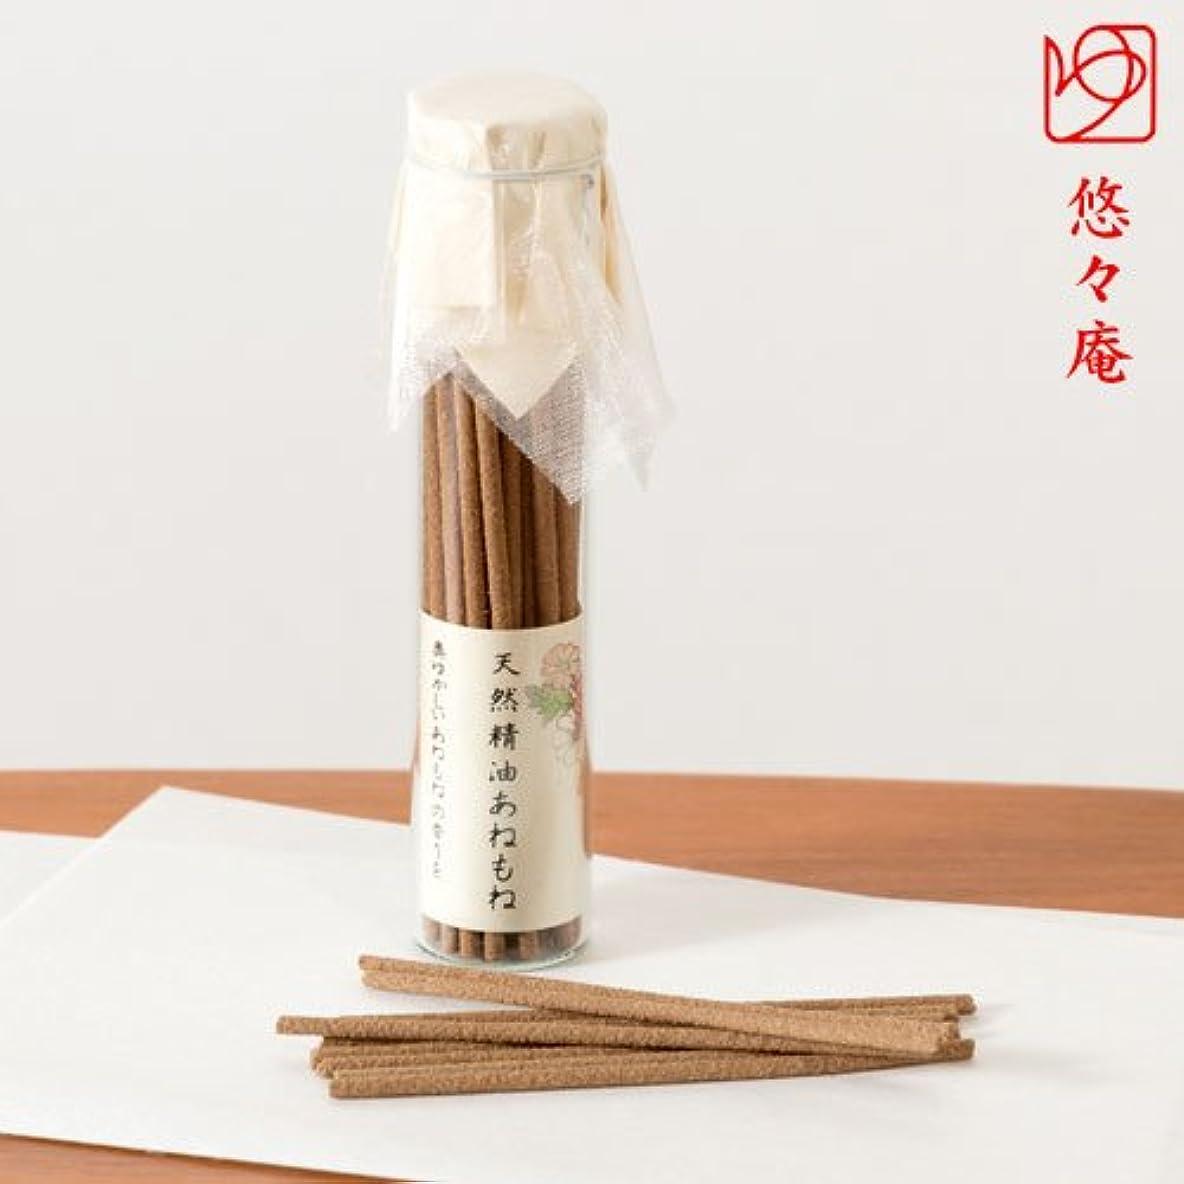 剪断死の顎応用スティックお香天然精油のお線香あねもねの小径ガラスビン入悠々庵Incense stick of natural essential oil